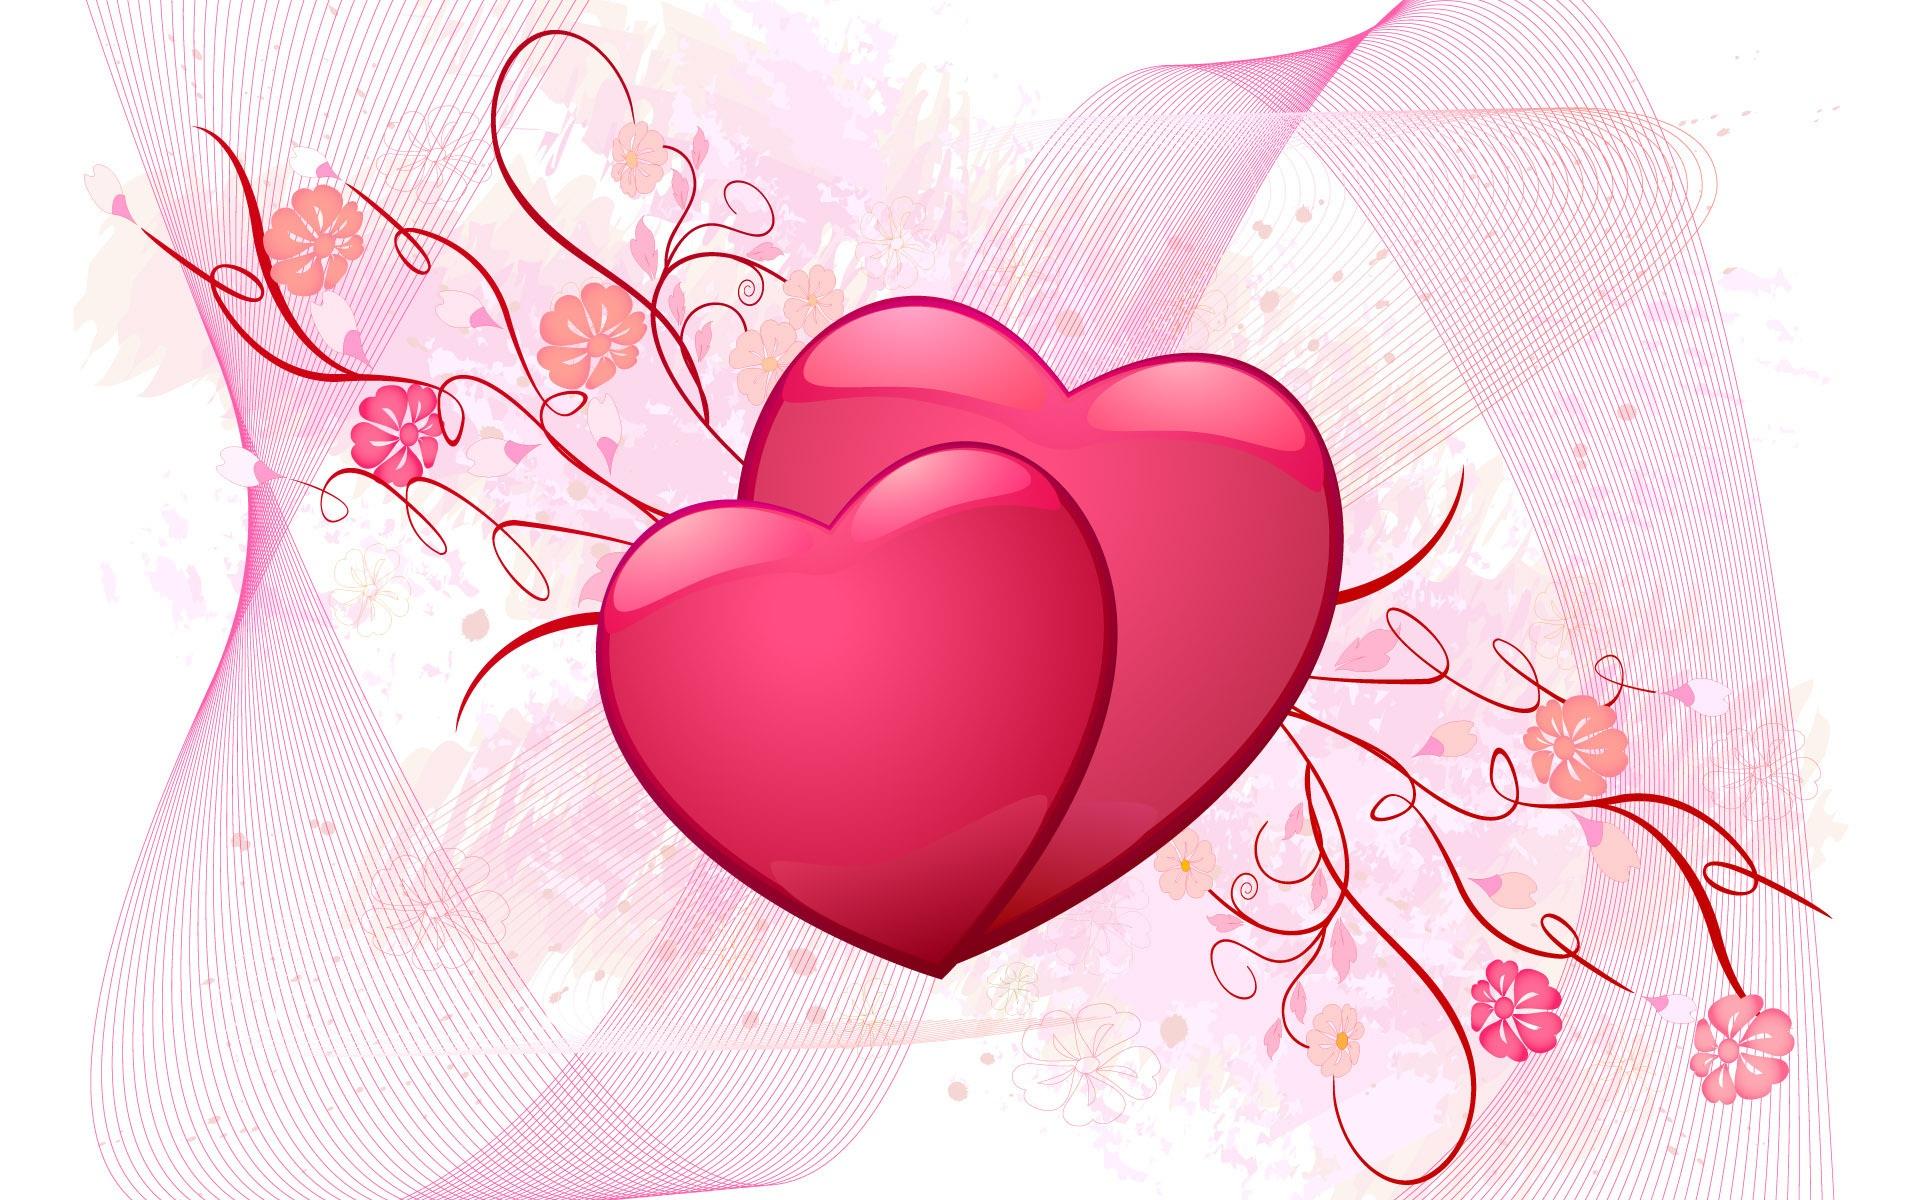 Fonds d'écran Amour coeur rose 1920x1200 HD image